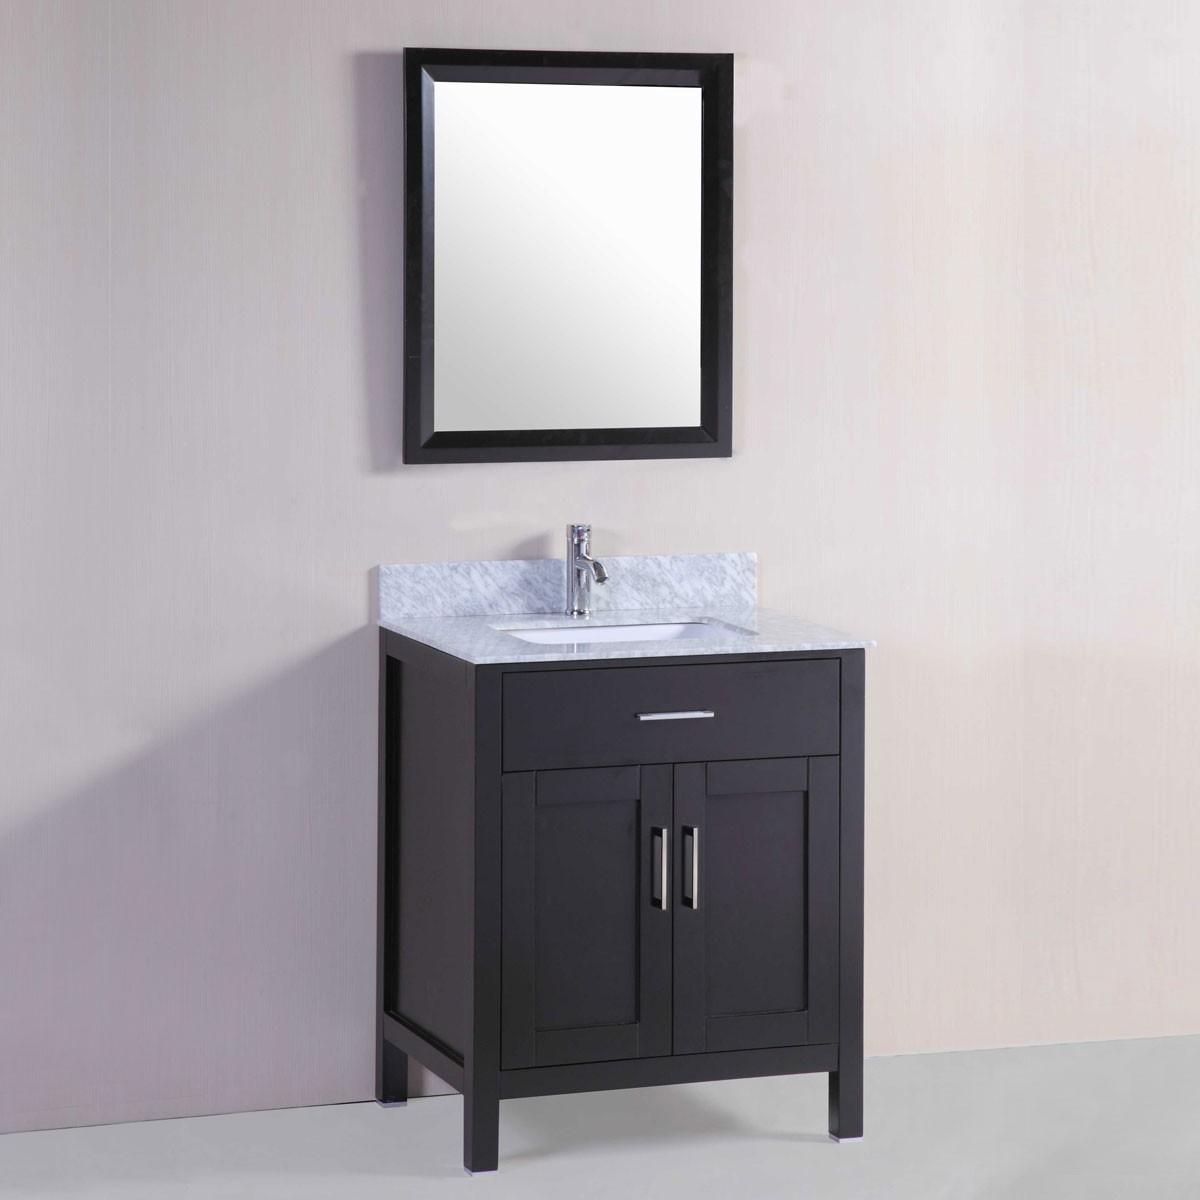 30 In. Bathroom Vanity Set (DK-T9150-30E-SET)